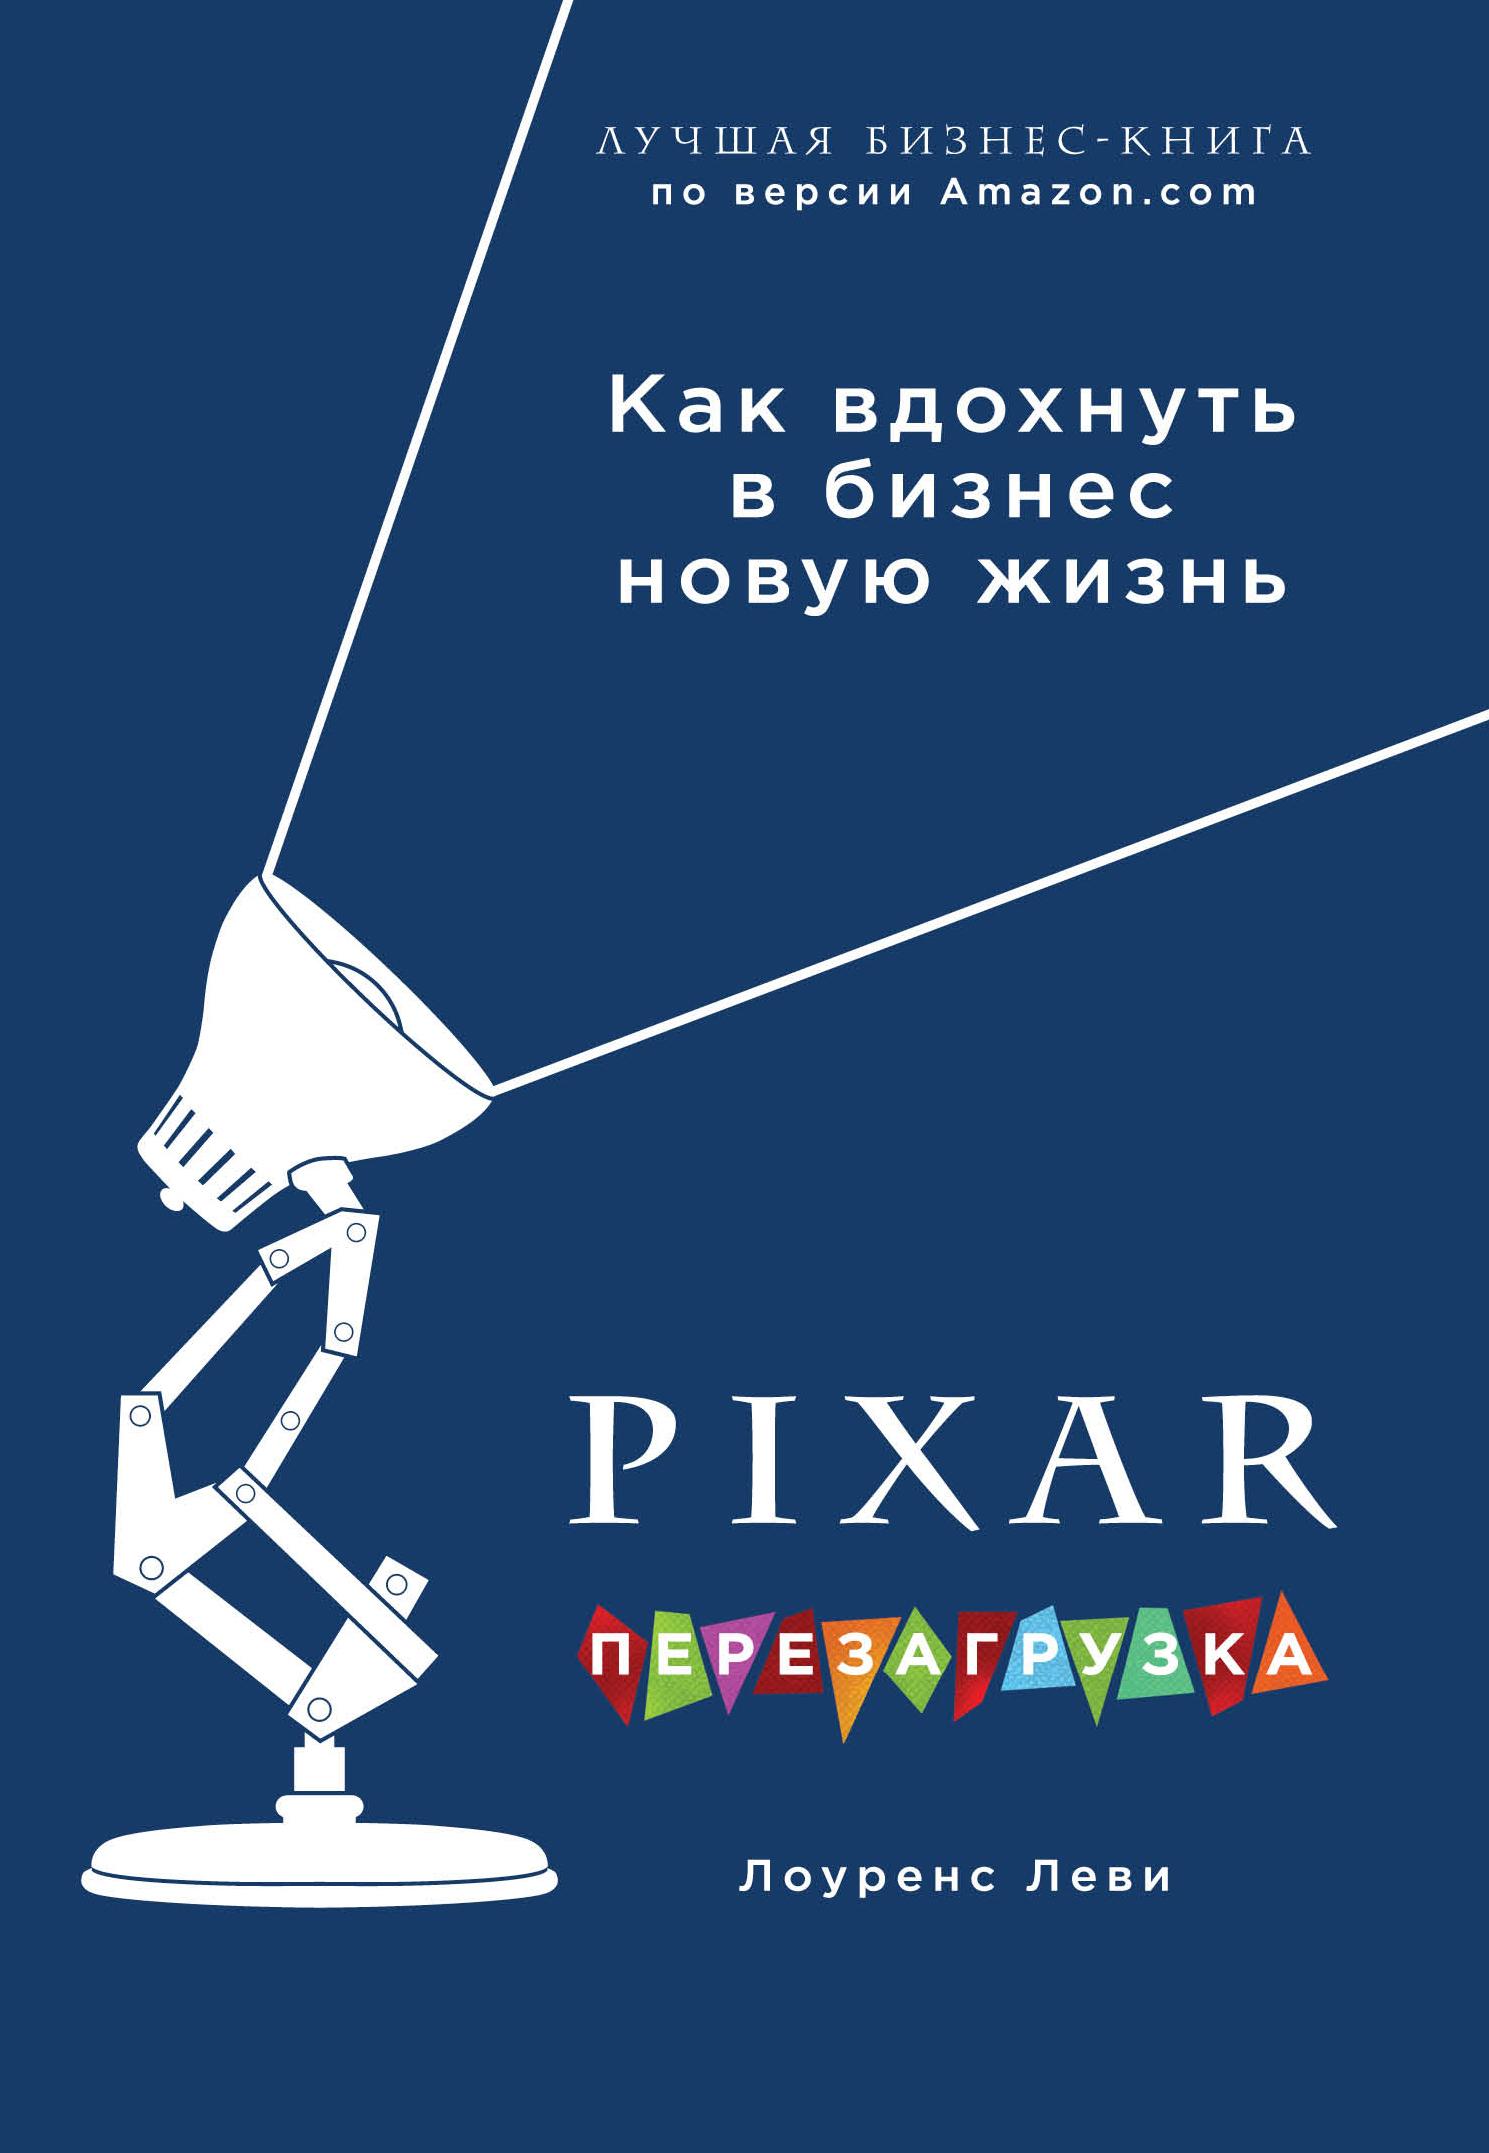 PIXAR. Перезагрузка. Гениальная книга по антикризисному управлению от ЛитРес